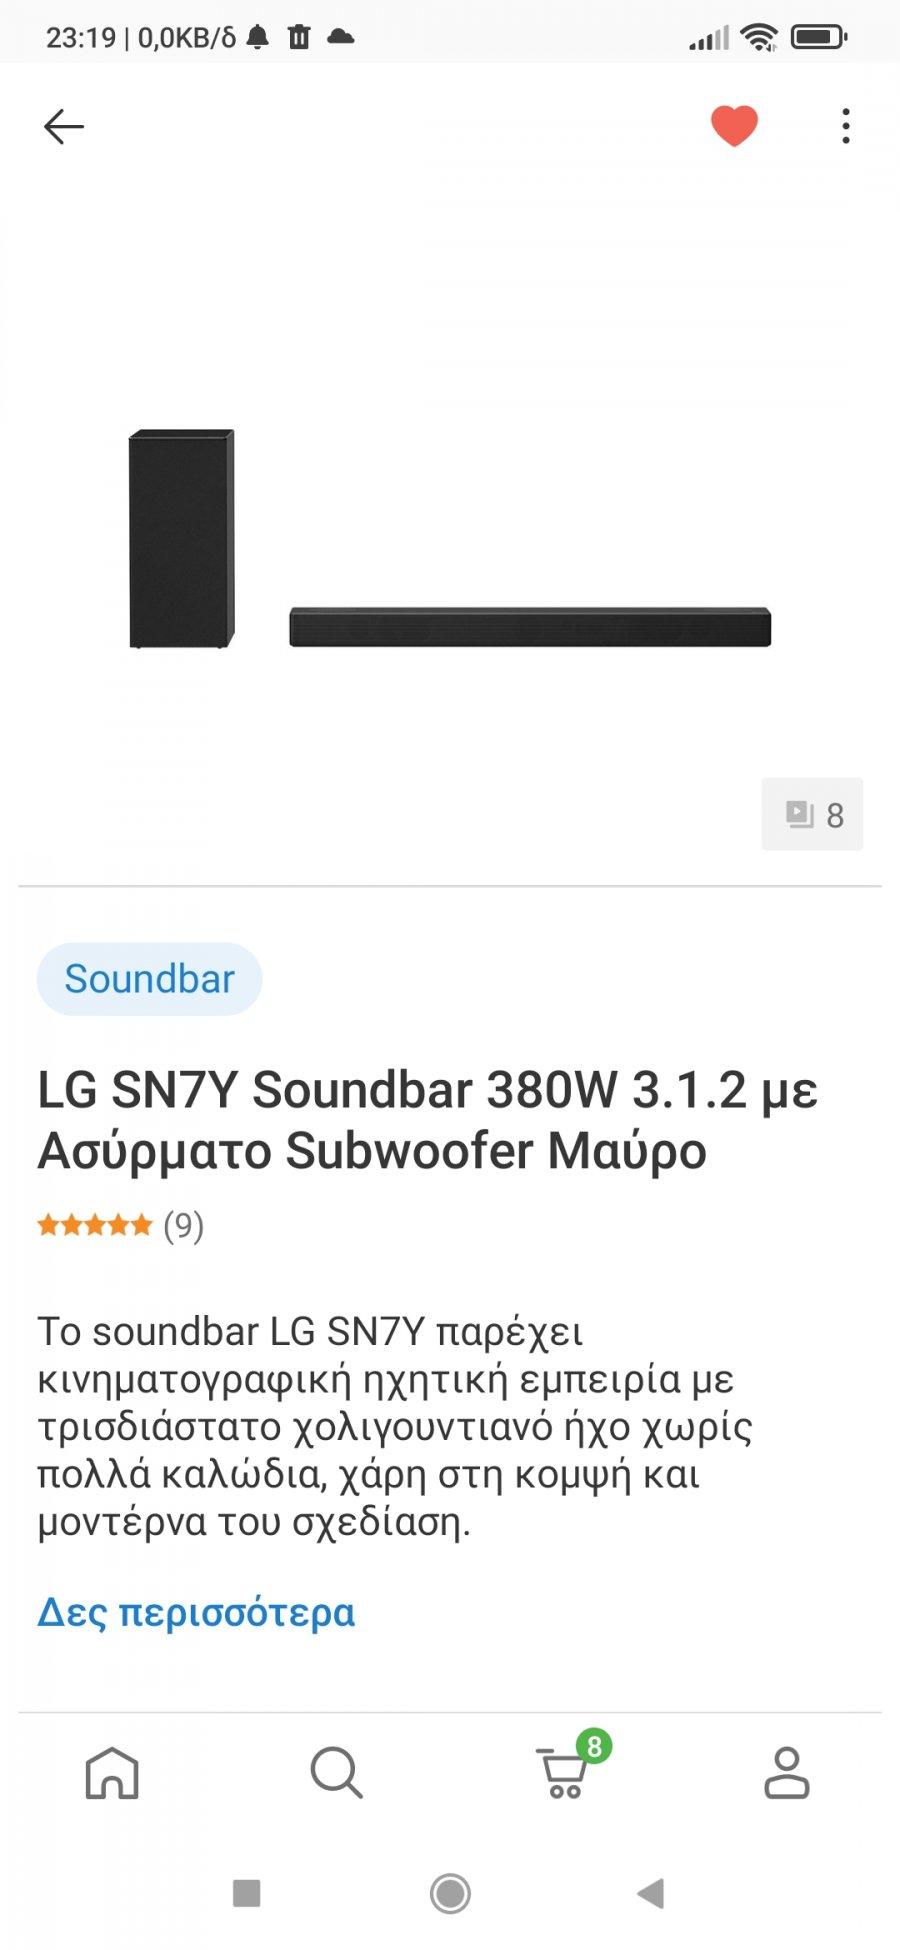 Screenshot_2021-09-13-23-19-04-215_com.niobiumlabs.android.apps.skroutz.jpg